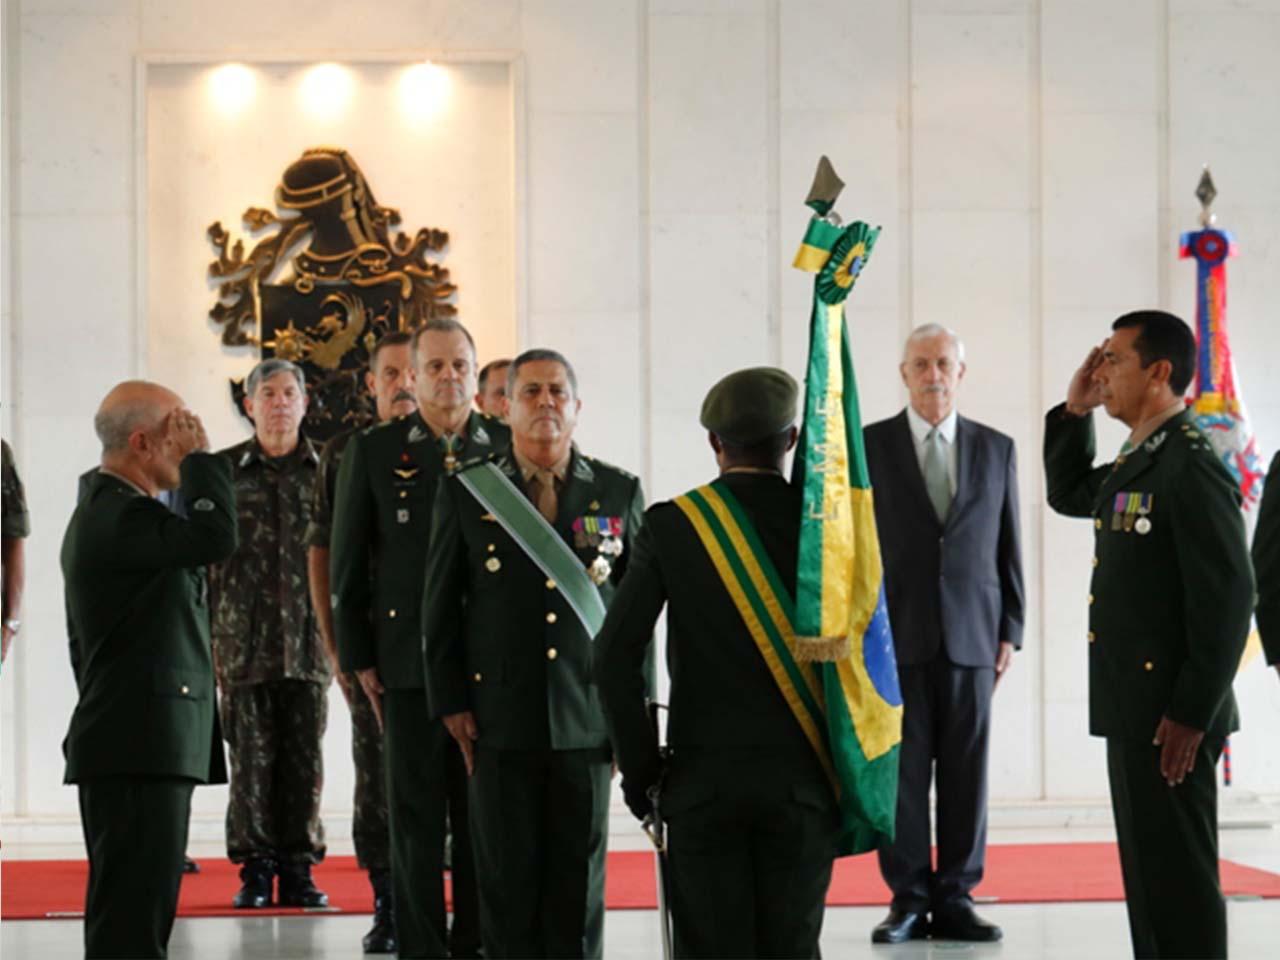 Passagens de cargos de oficiais-generais no âmbito do Estado-Maior do Exército